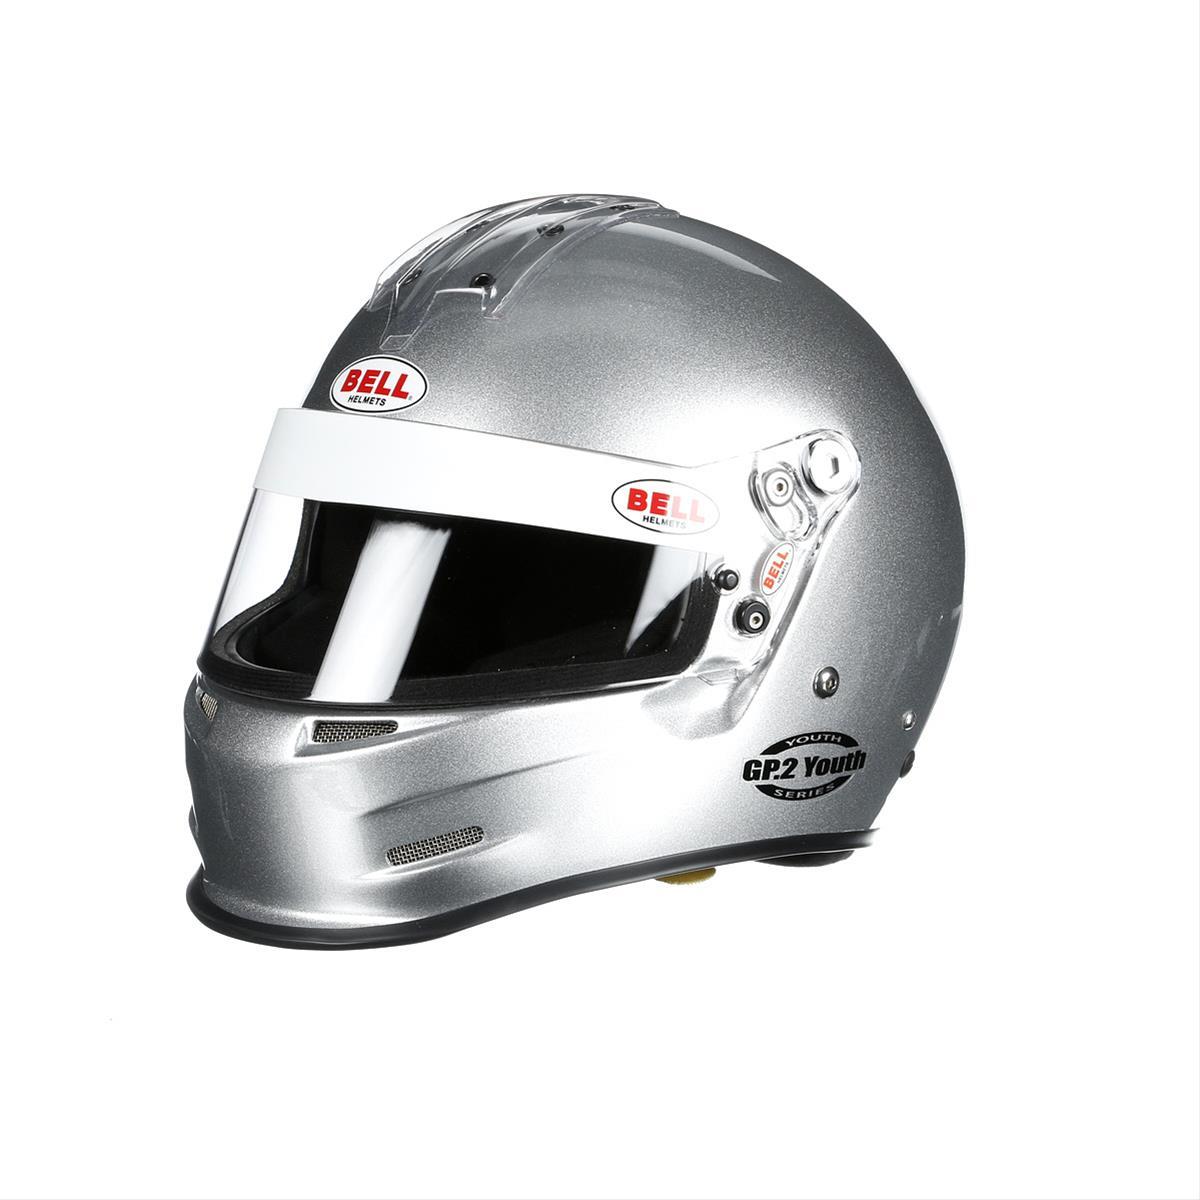 Bell Racing Helmets >> Bell Racing Racer Series Gp2 Youth Helmets 1425023